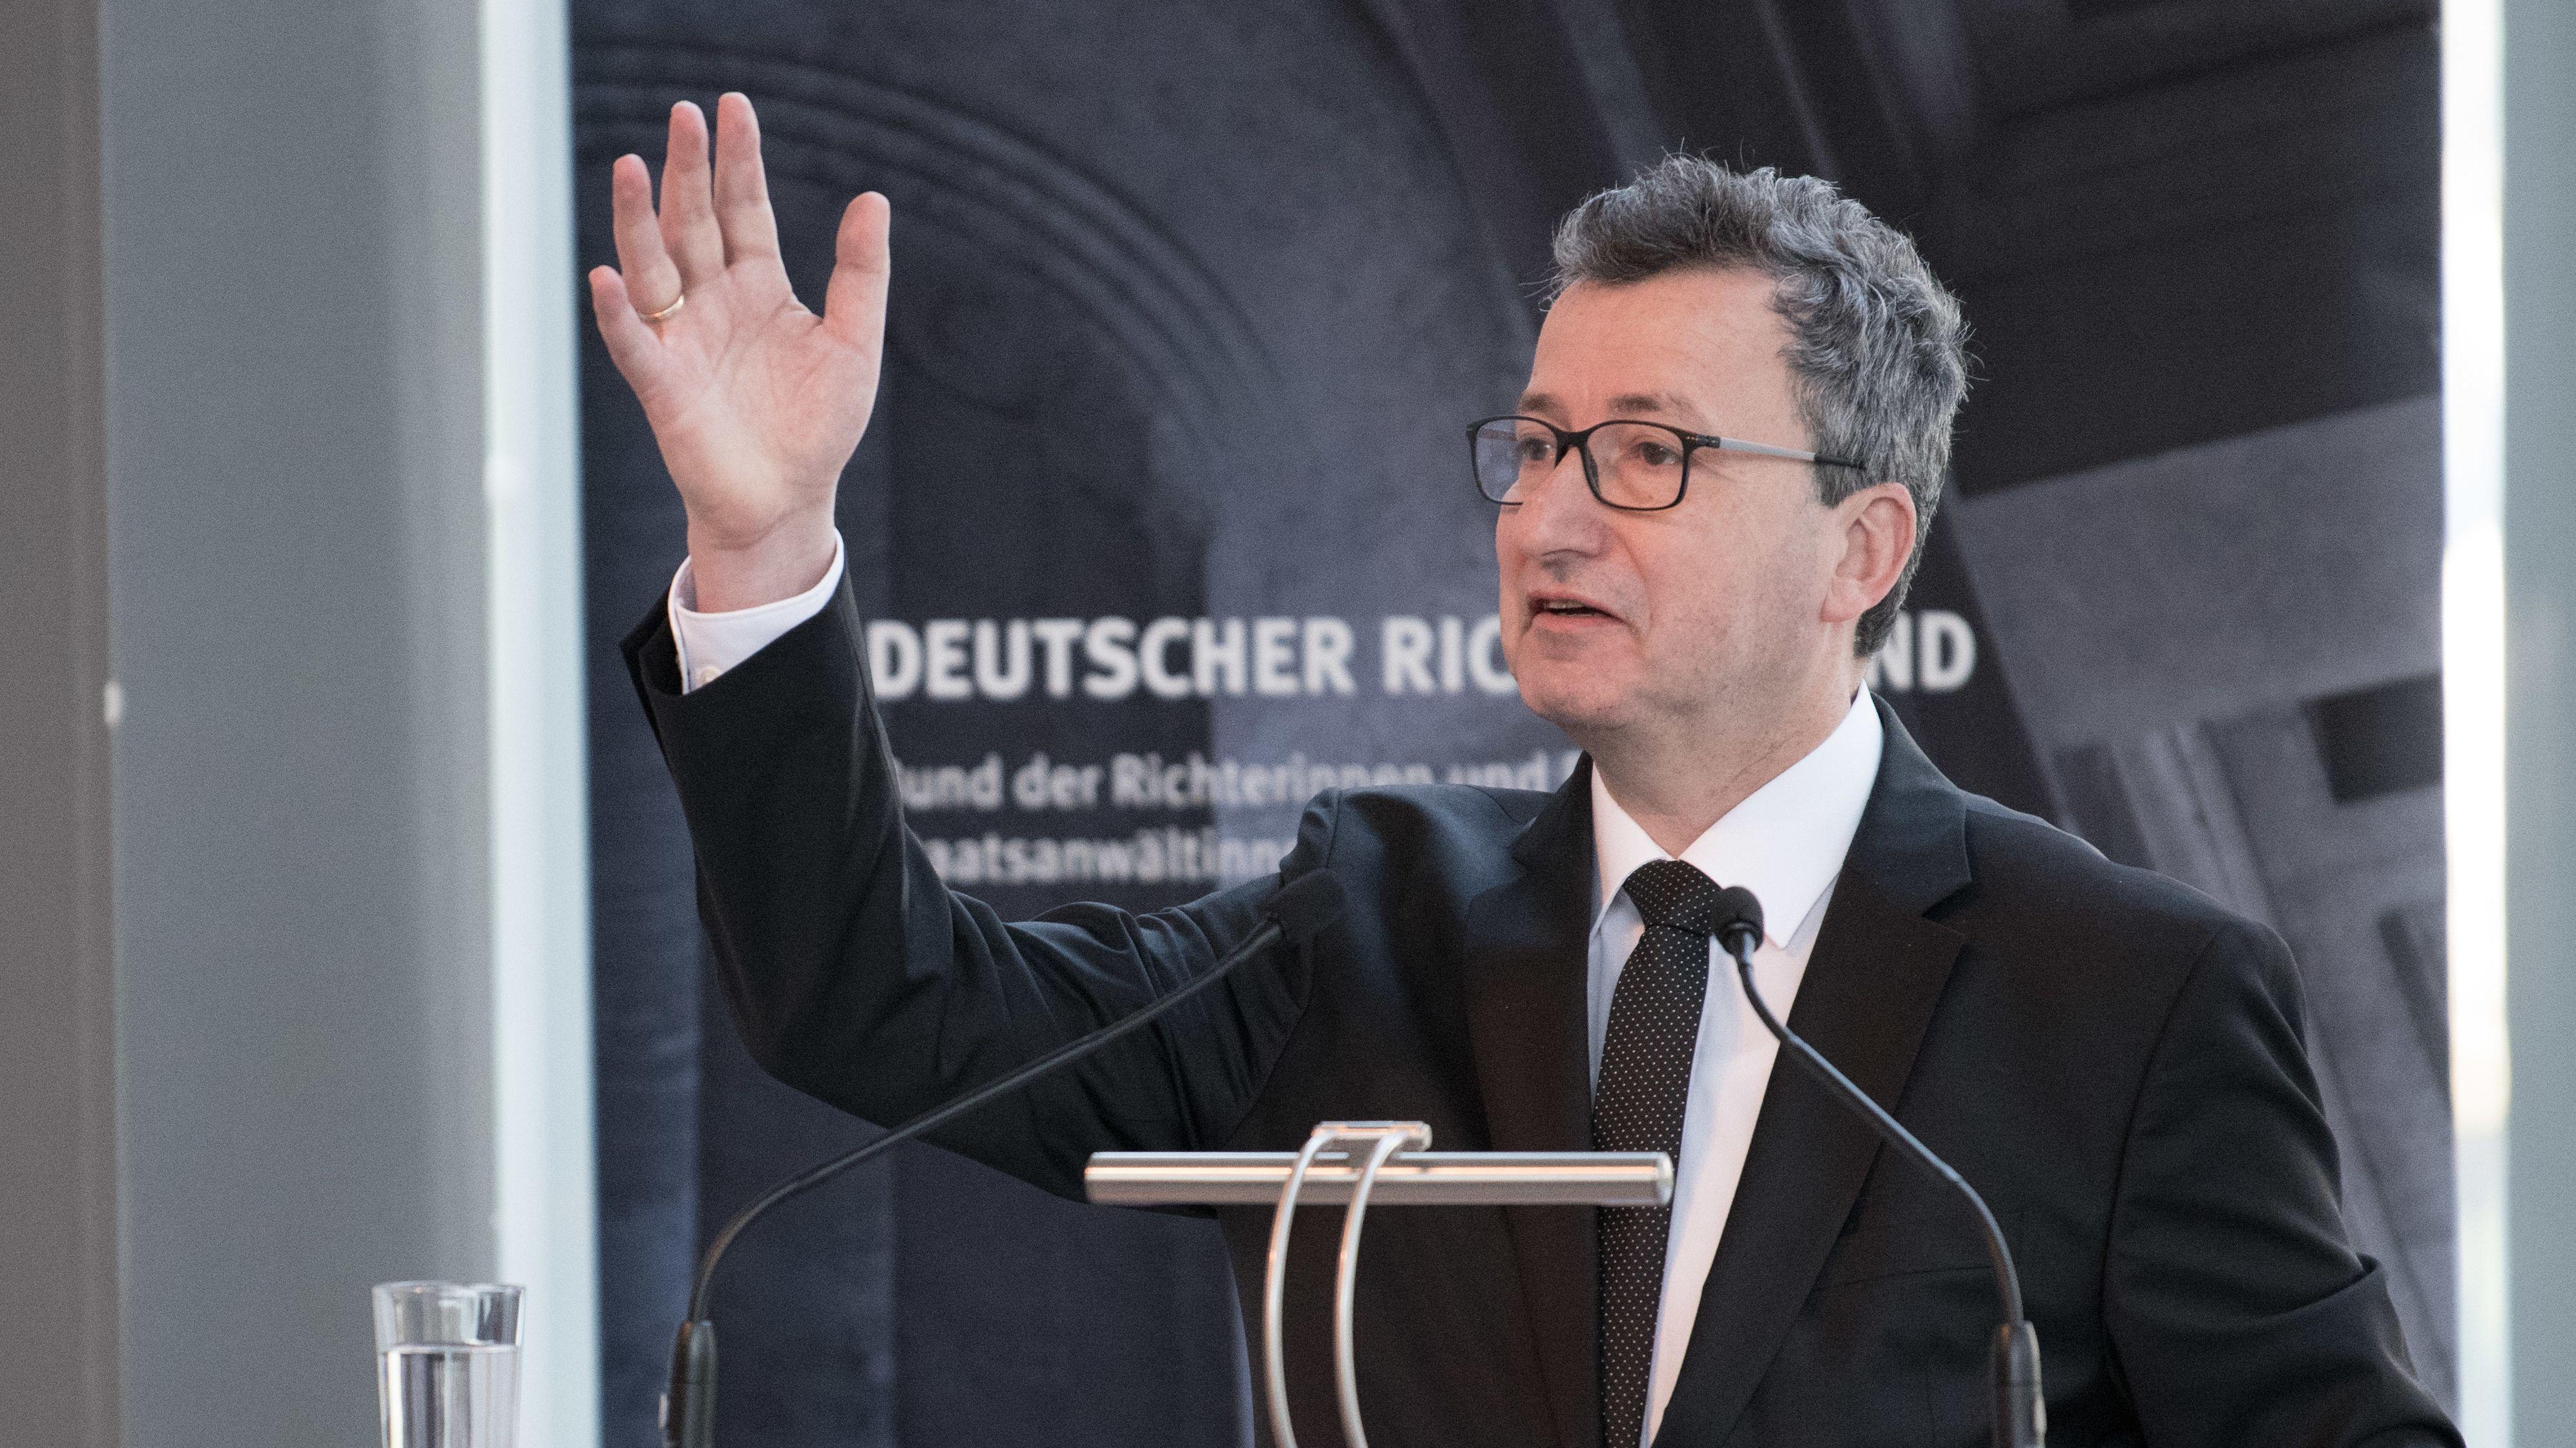 """Richterbund-Chef Jens Gnisa zu Clan-Problemen: """"Zu häufig weggeschaut"""""""